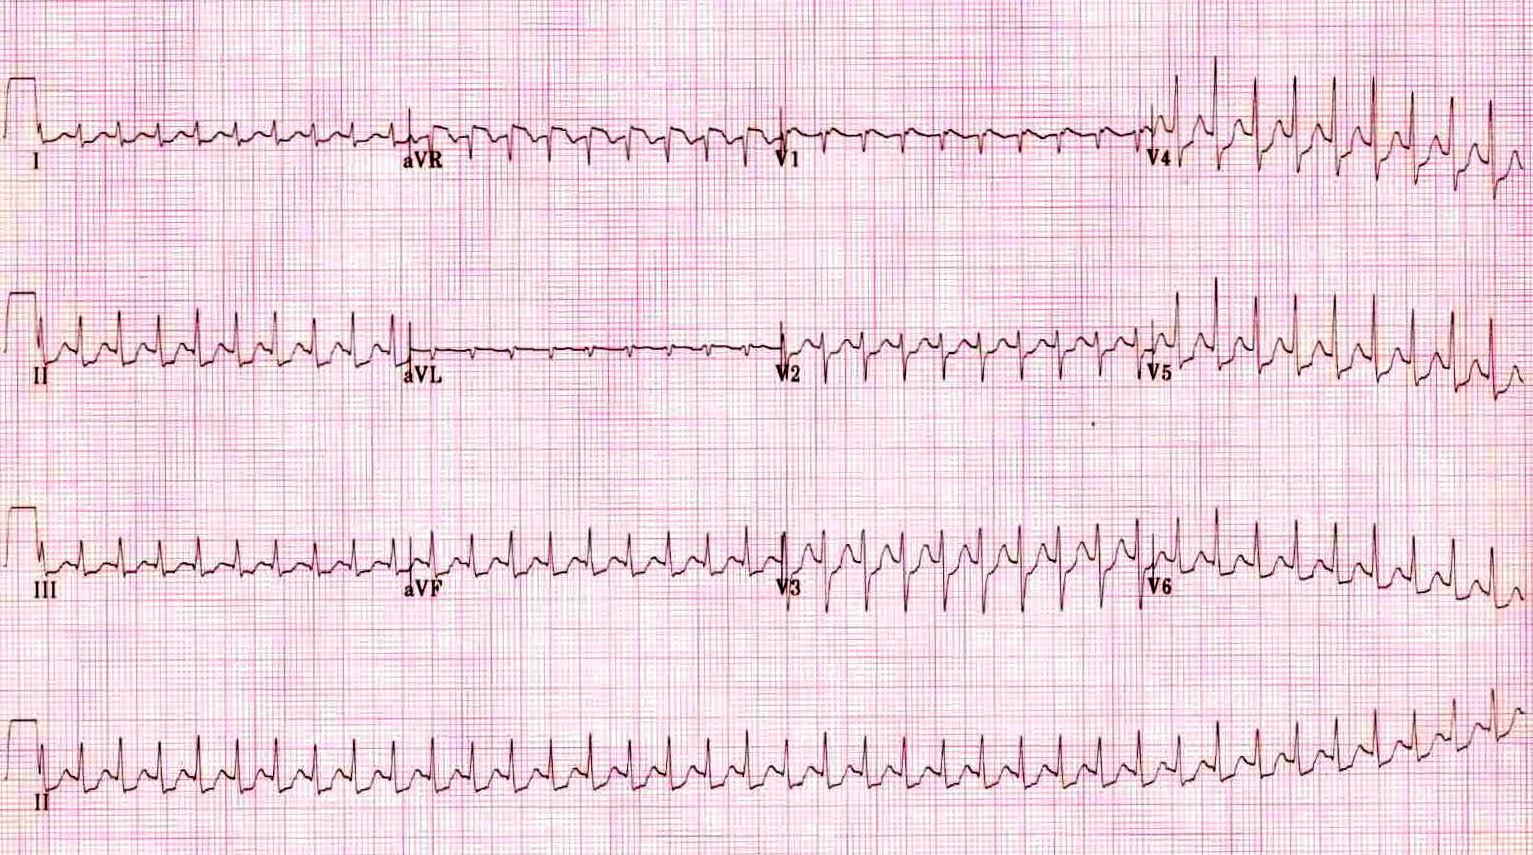 Atrioventricular Nodal Reentrant Tachycardia Core Em